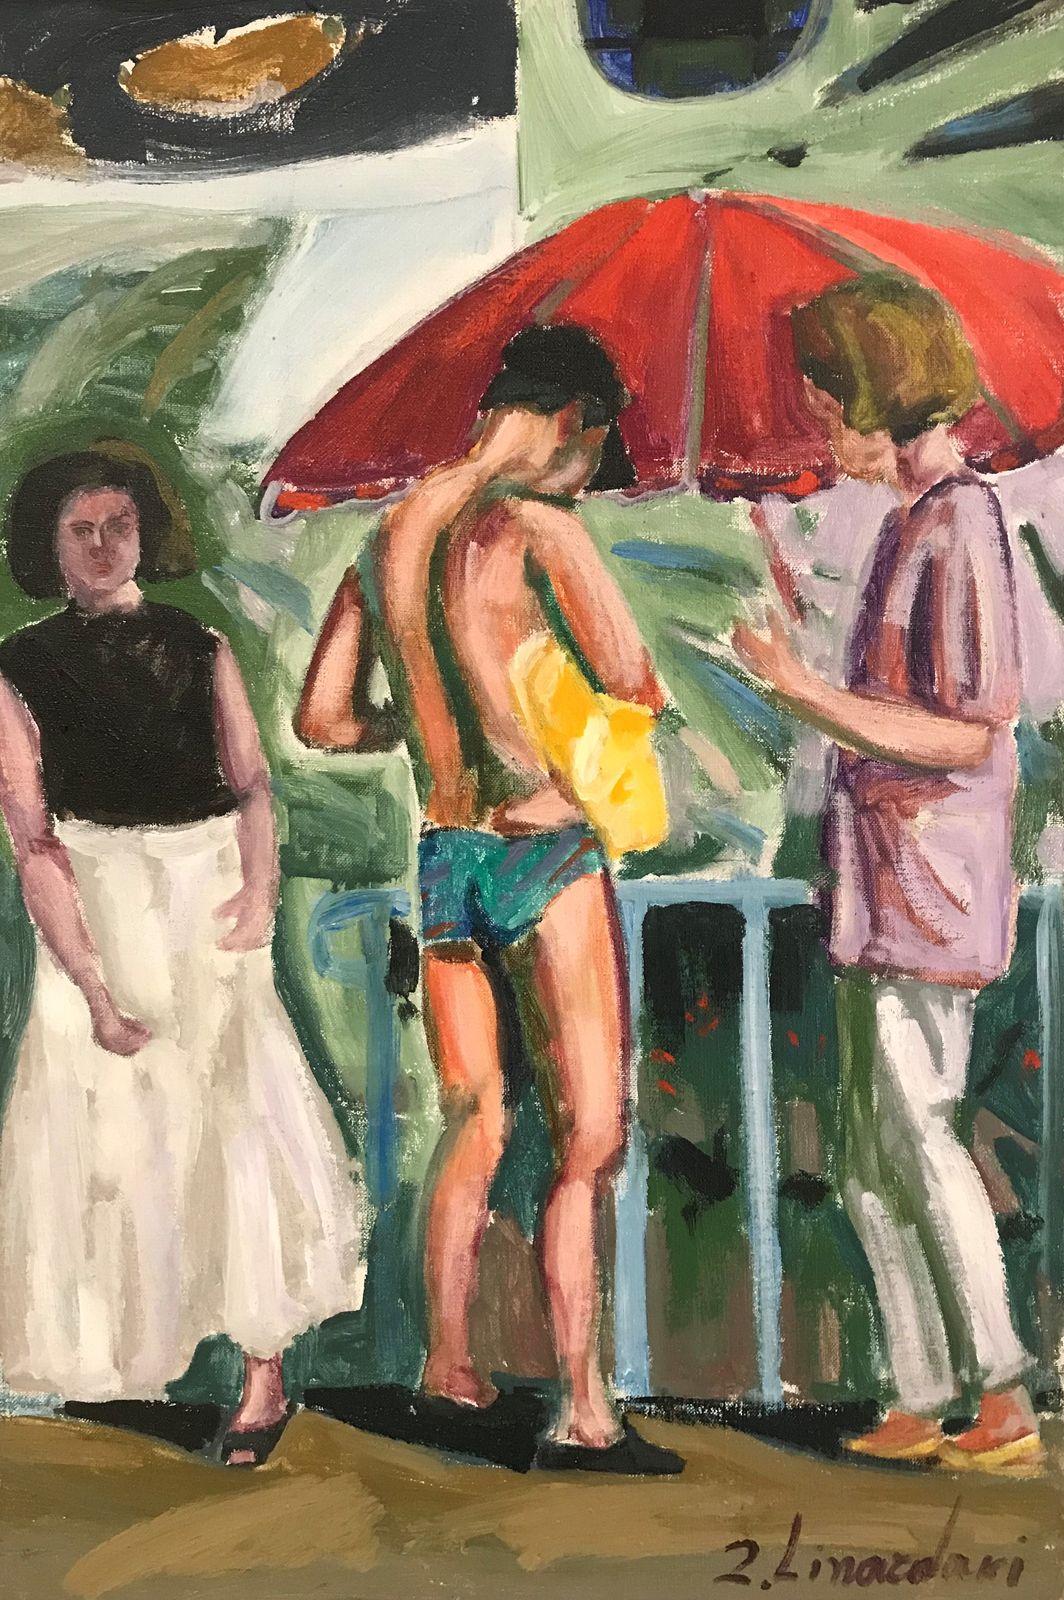 Ζήνα Λιναρδάκη 40×60 εκ. Λάδια σε καμβά Zina Linardaki 40×60 cm Oils on canvas